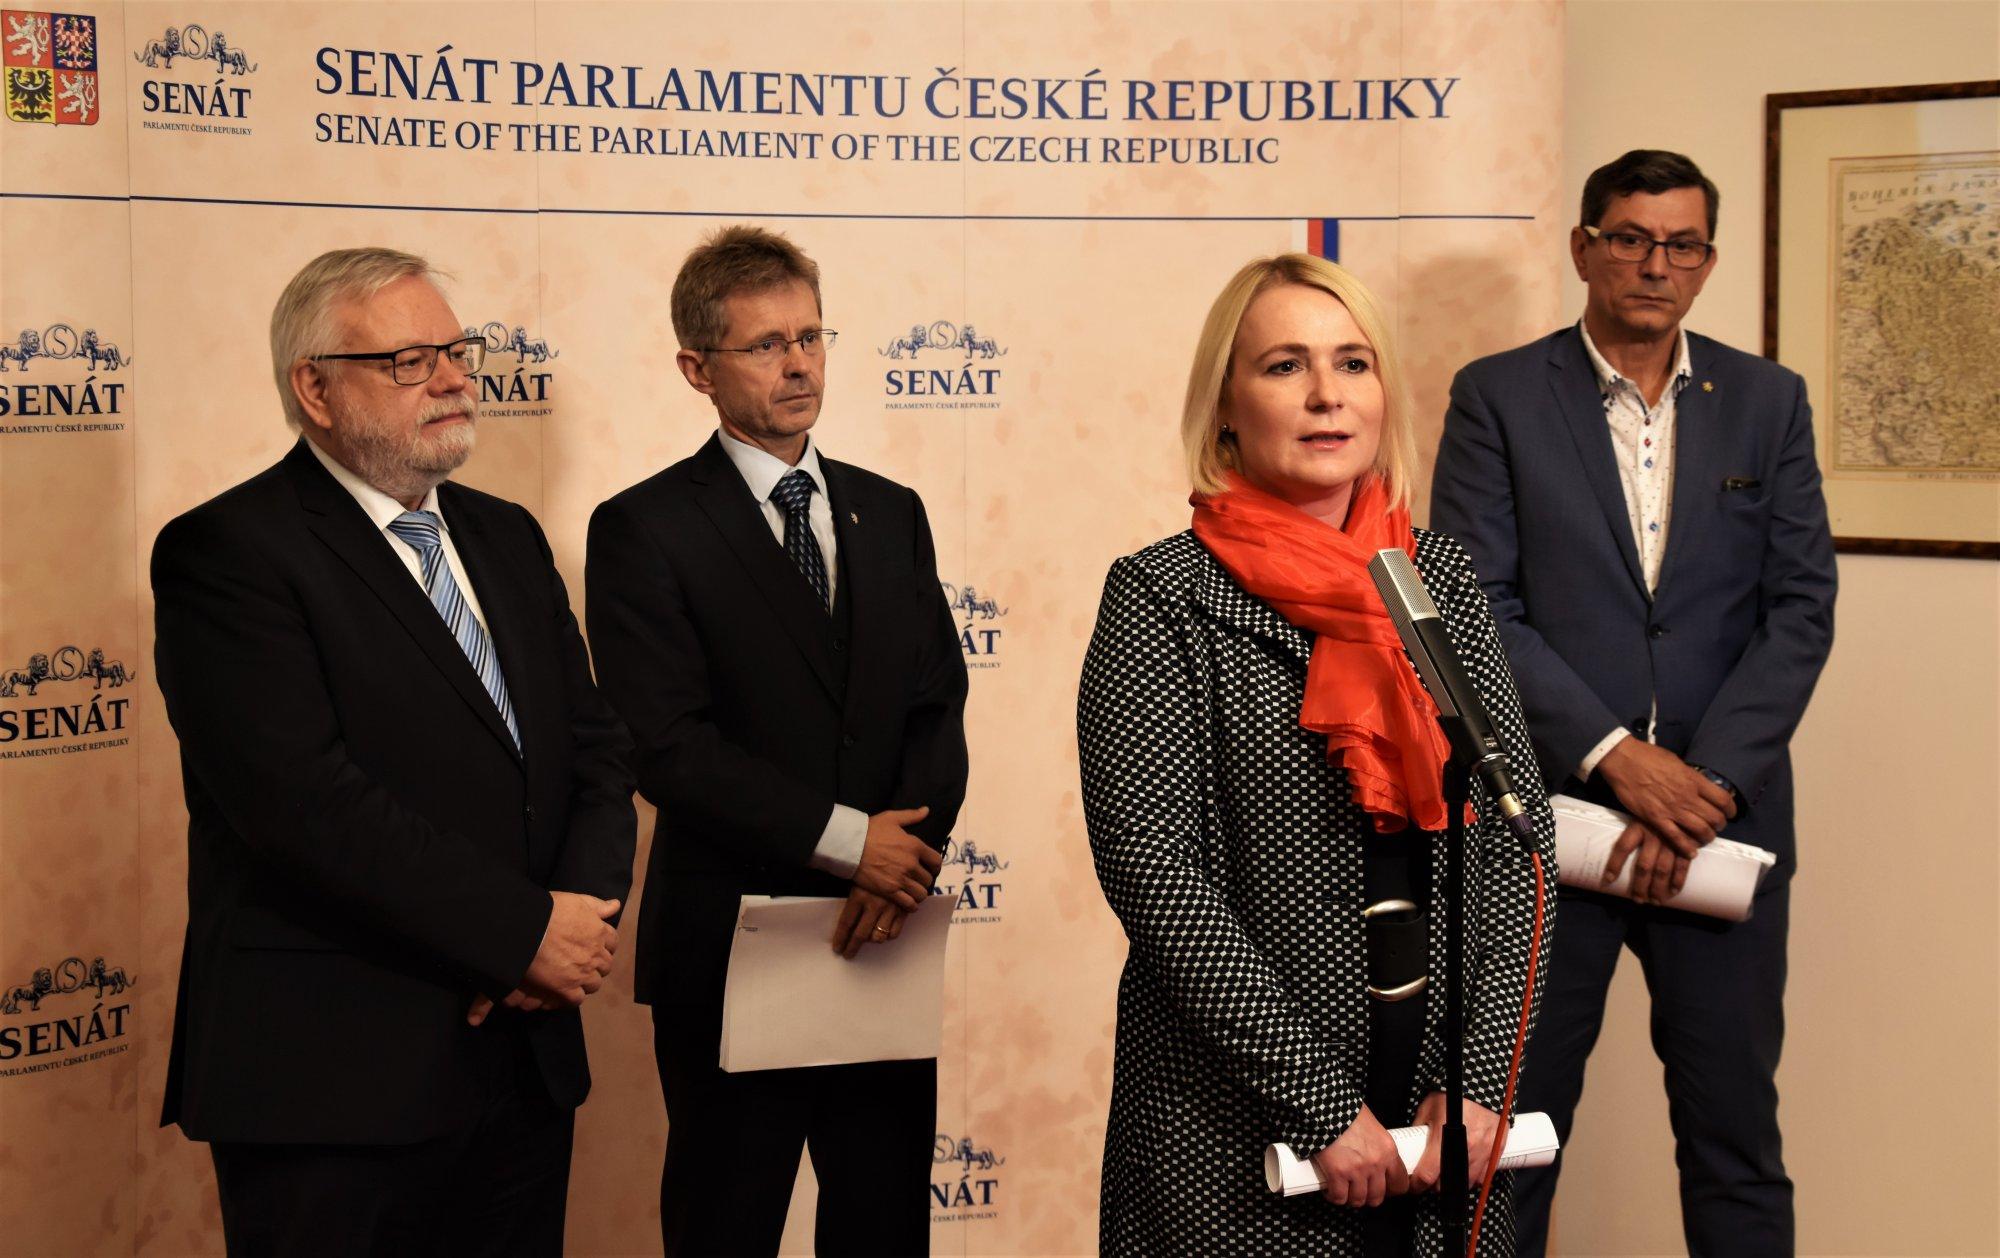 Senátoři ODS odmítají opakované vyřazení tzv. zbraňového zákona z programu jednání Senátu